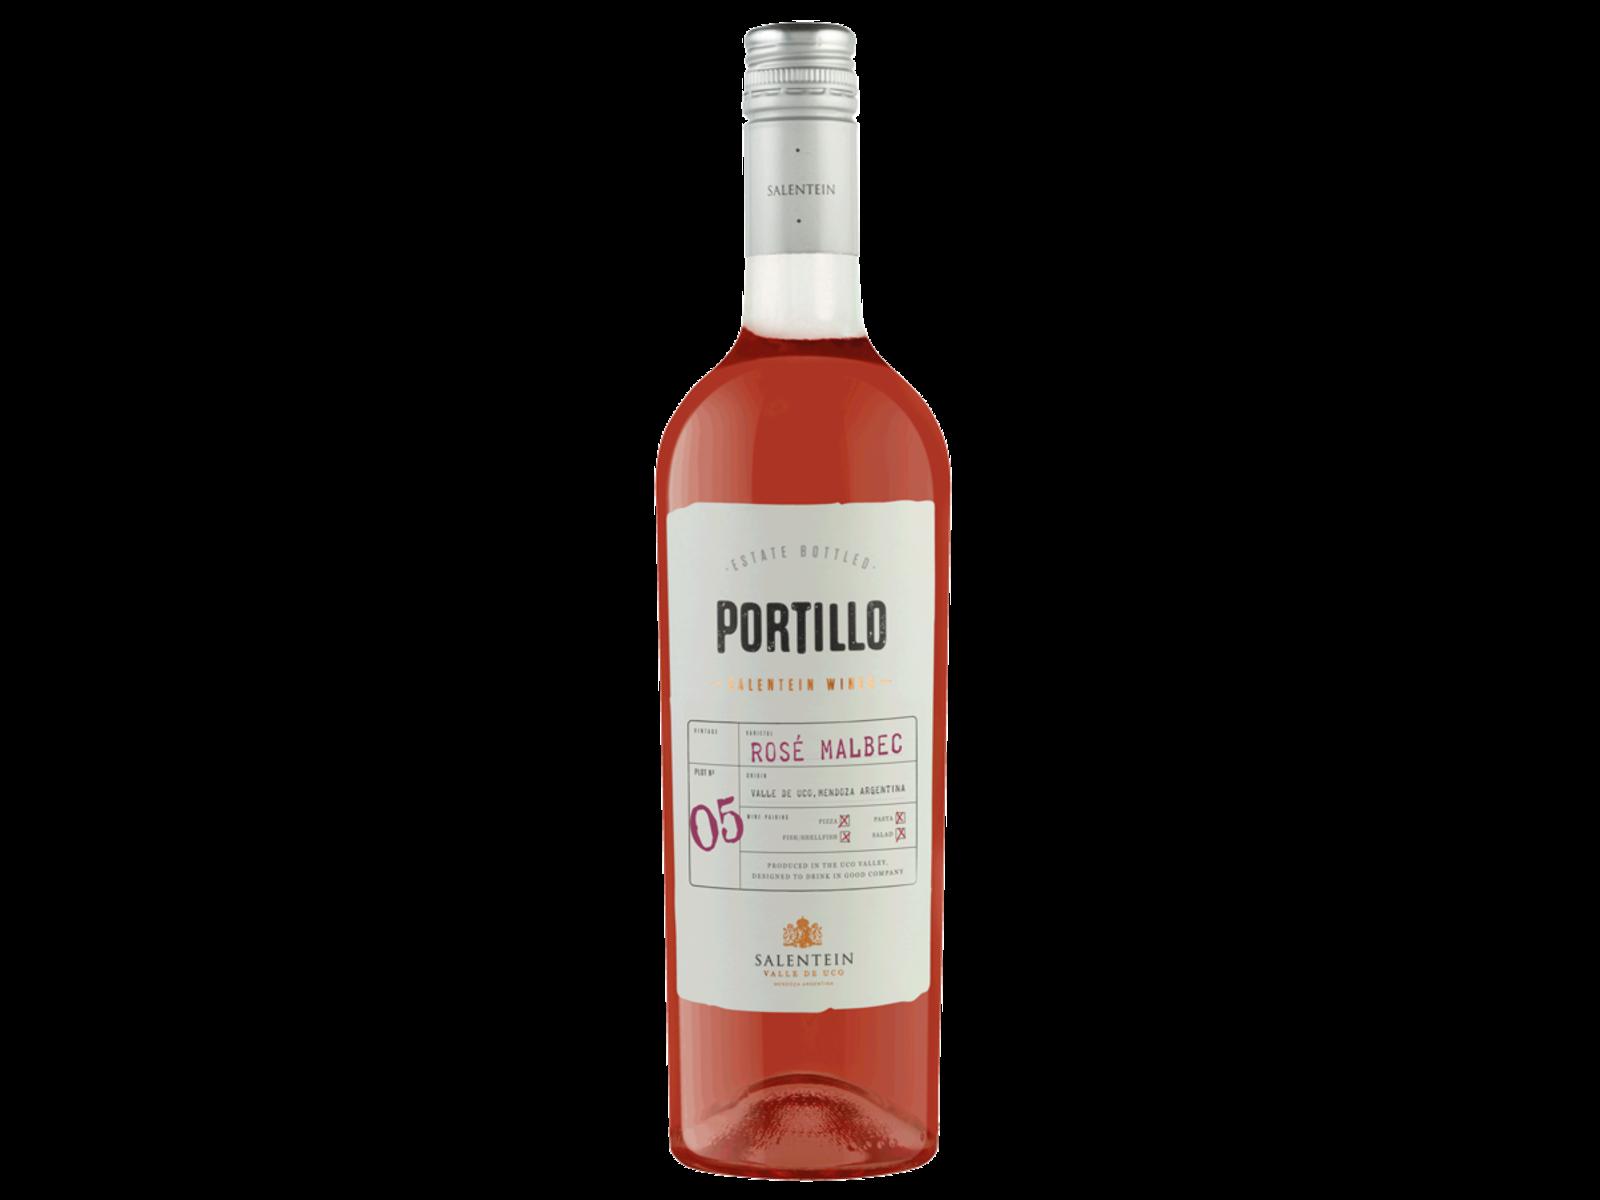 Bodegas Salentein Portillo Rosé Malbec